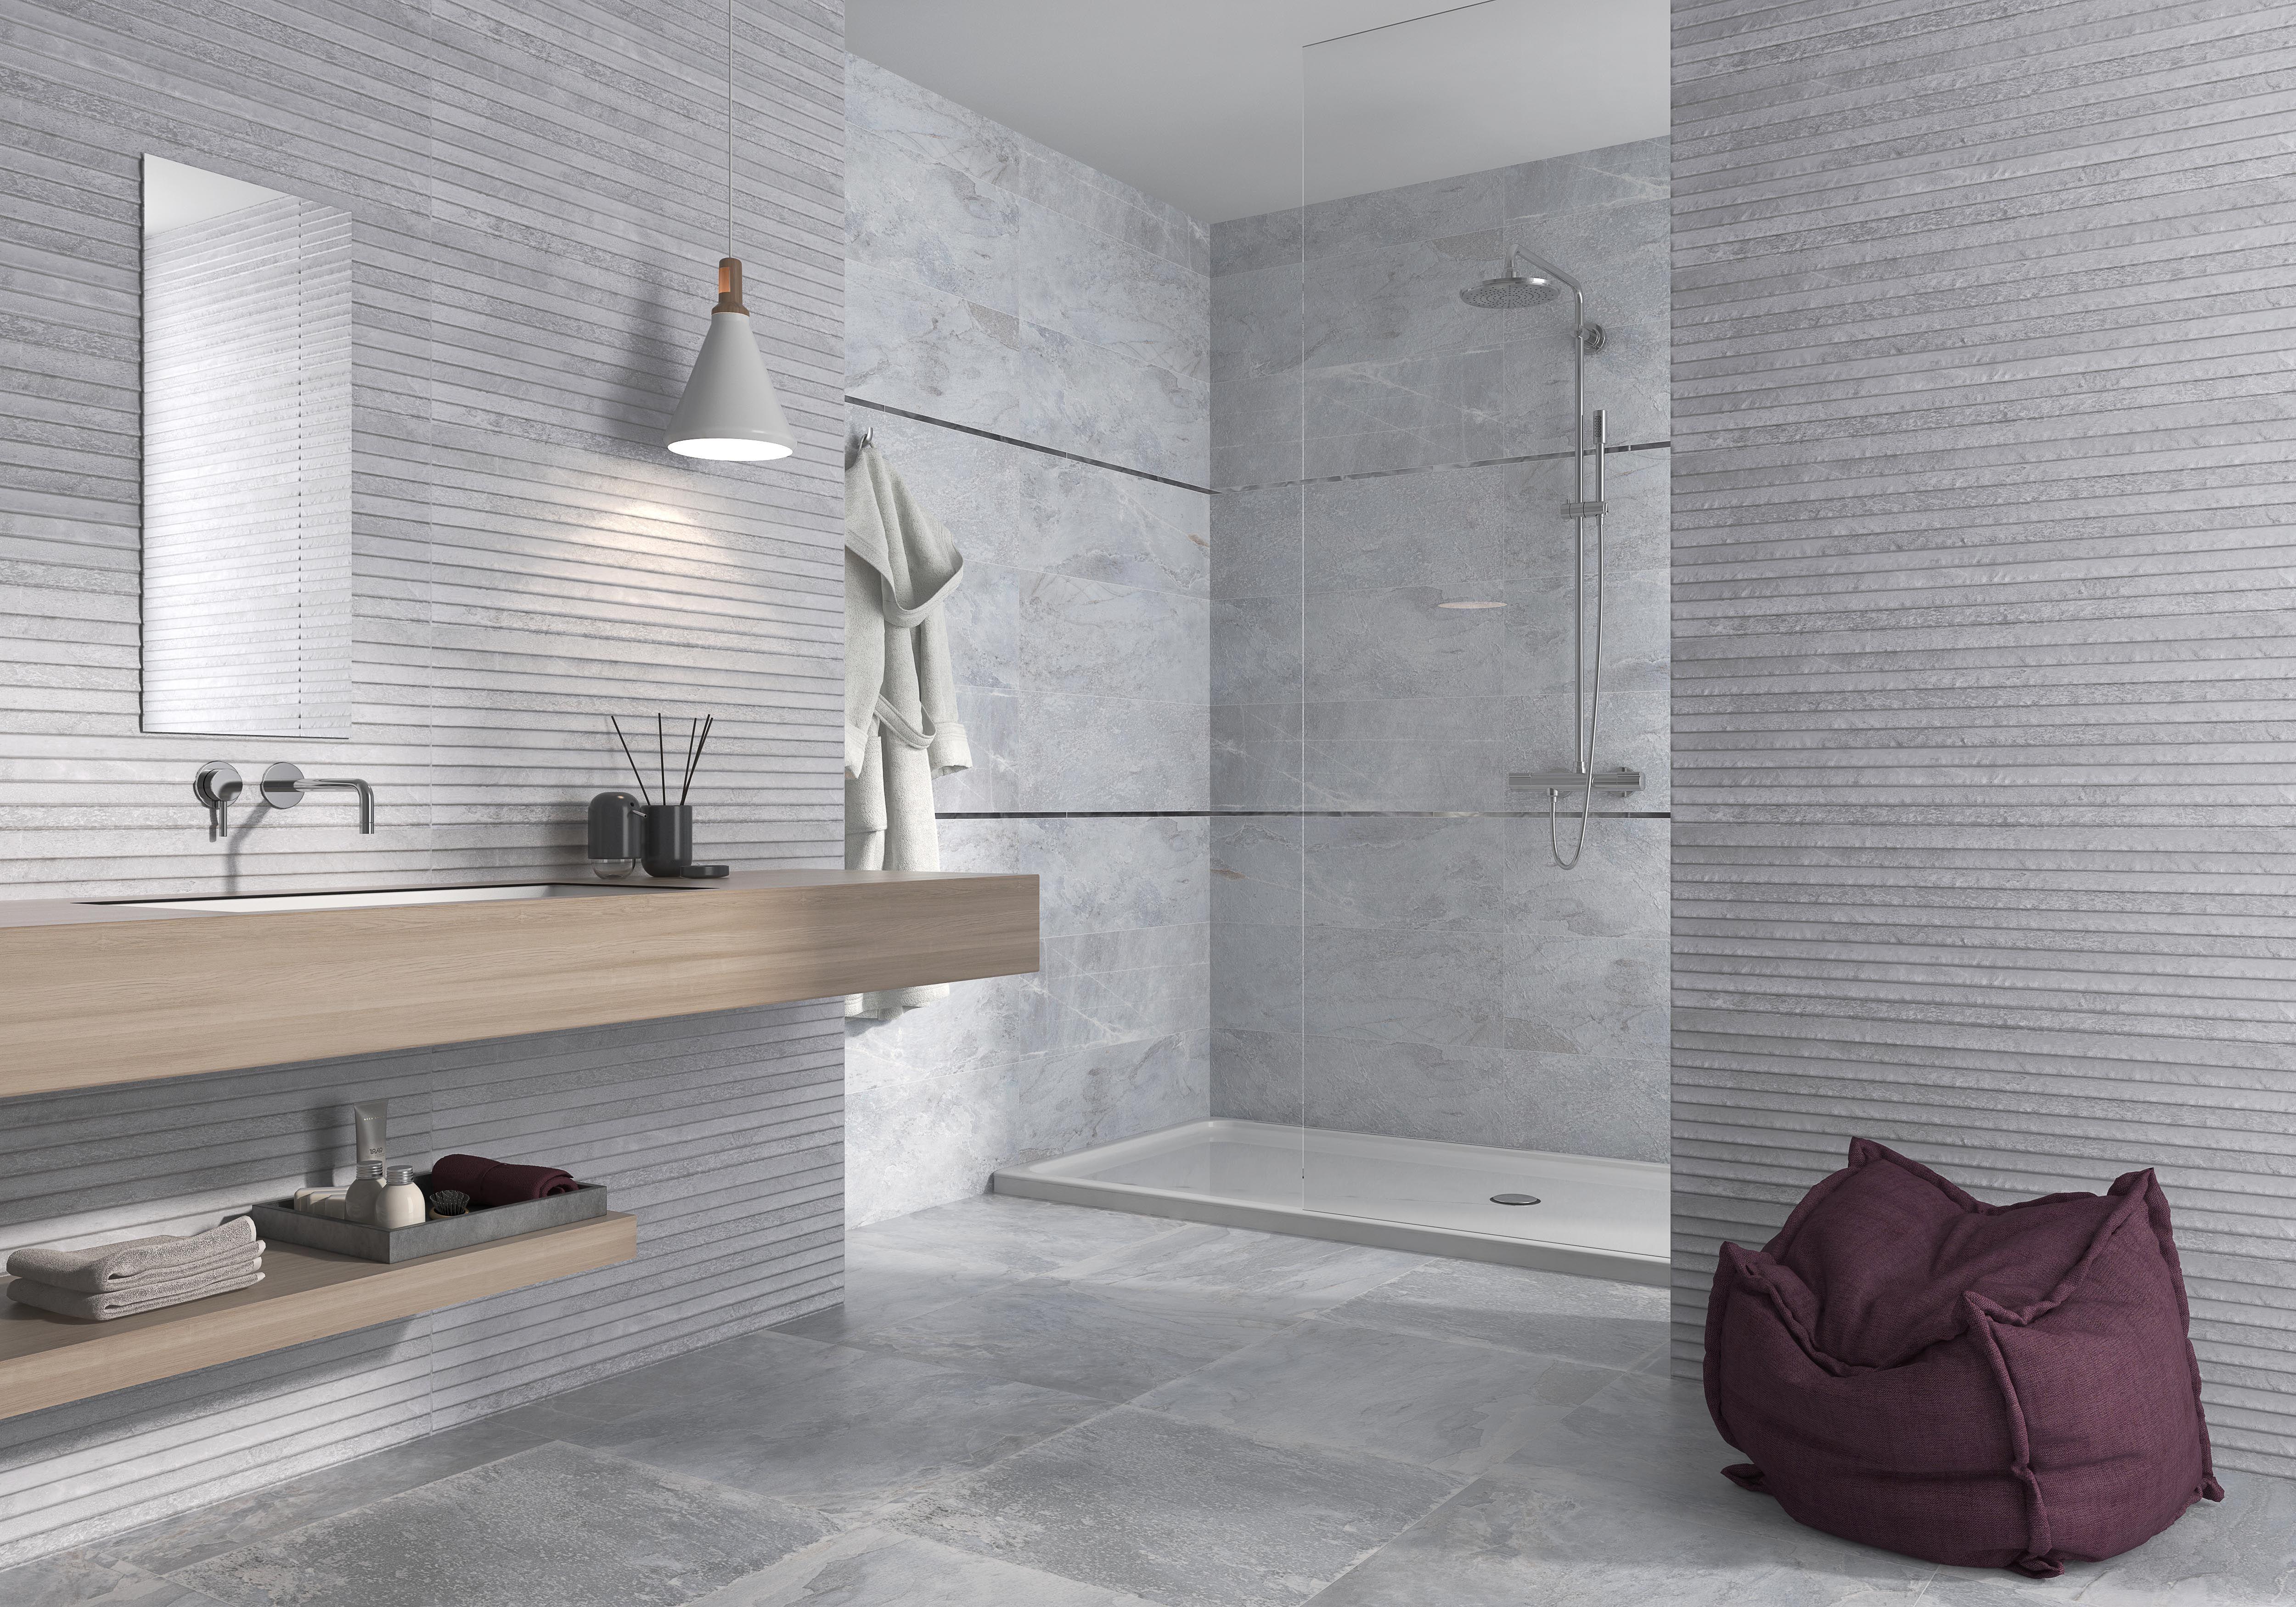 AMB HD Nature 30x90 | Arquitectura - Publiditec | Pinterest | Baño ...